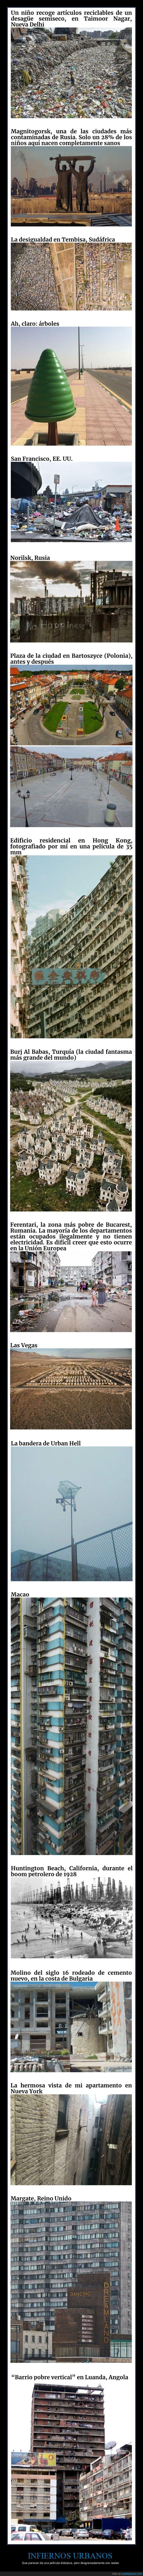 ciudades,infiernos urbanos